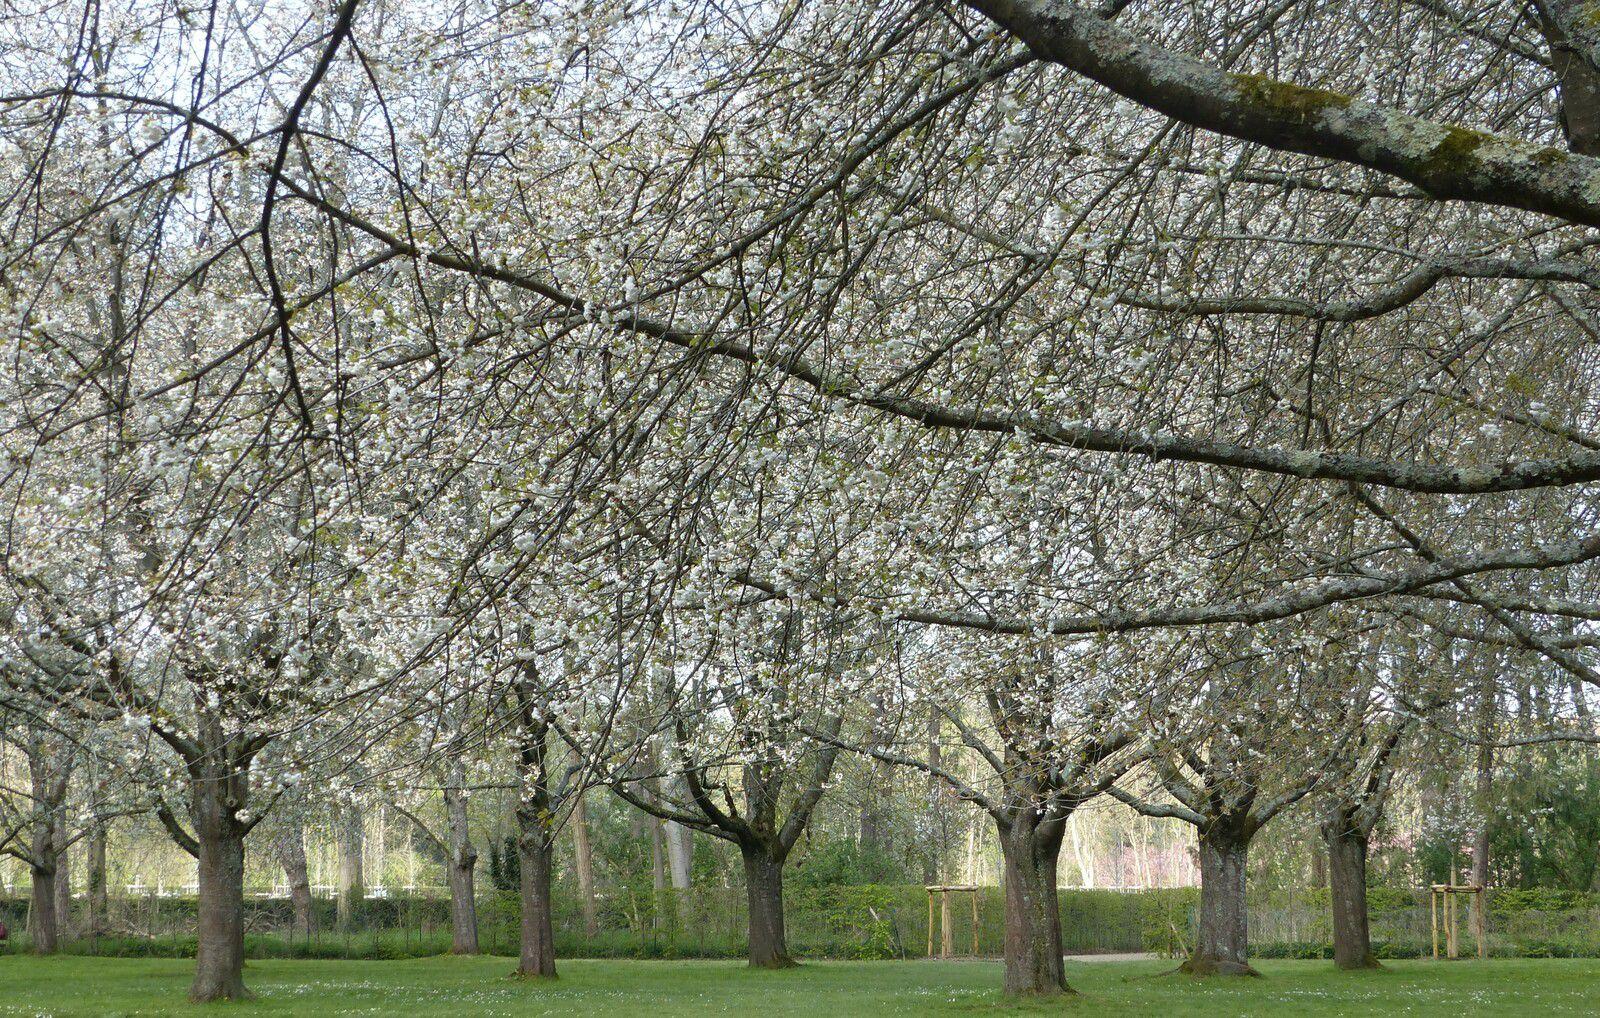 La semaine parfaite pour aller voir les cerisiers de Sceaux